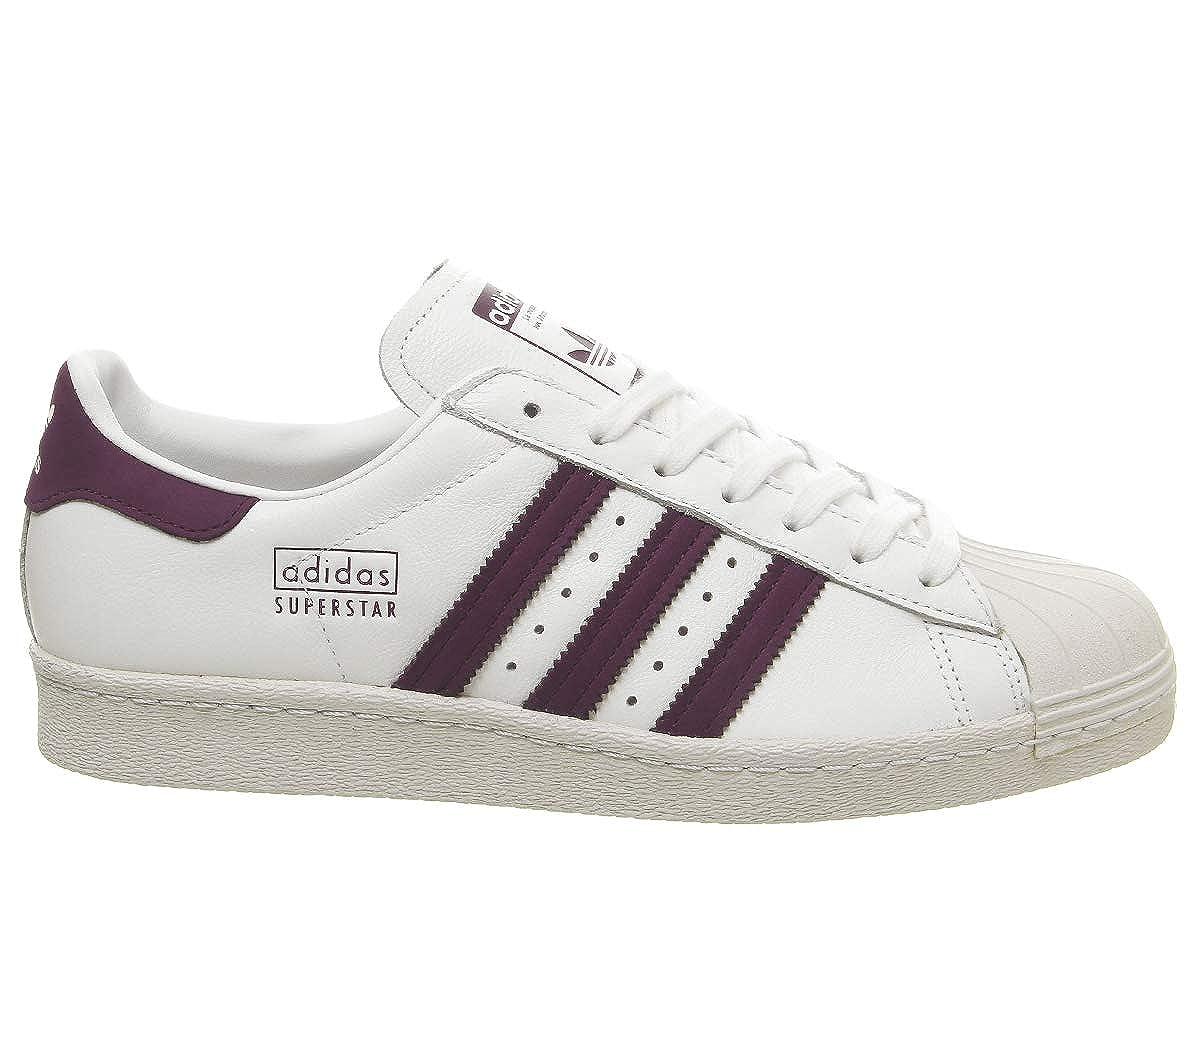 Adidas Superstar 80s, Scarpe da Fitness Uomo       Alla Moda  e41273